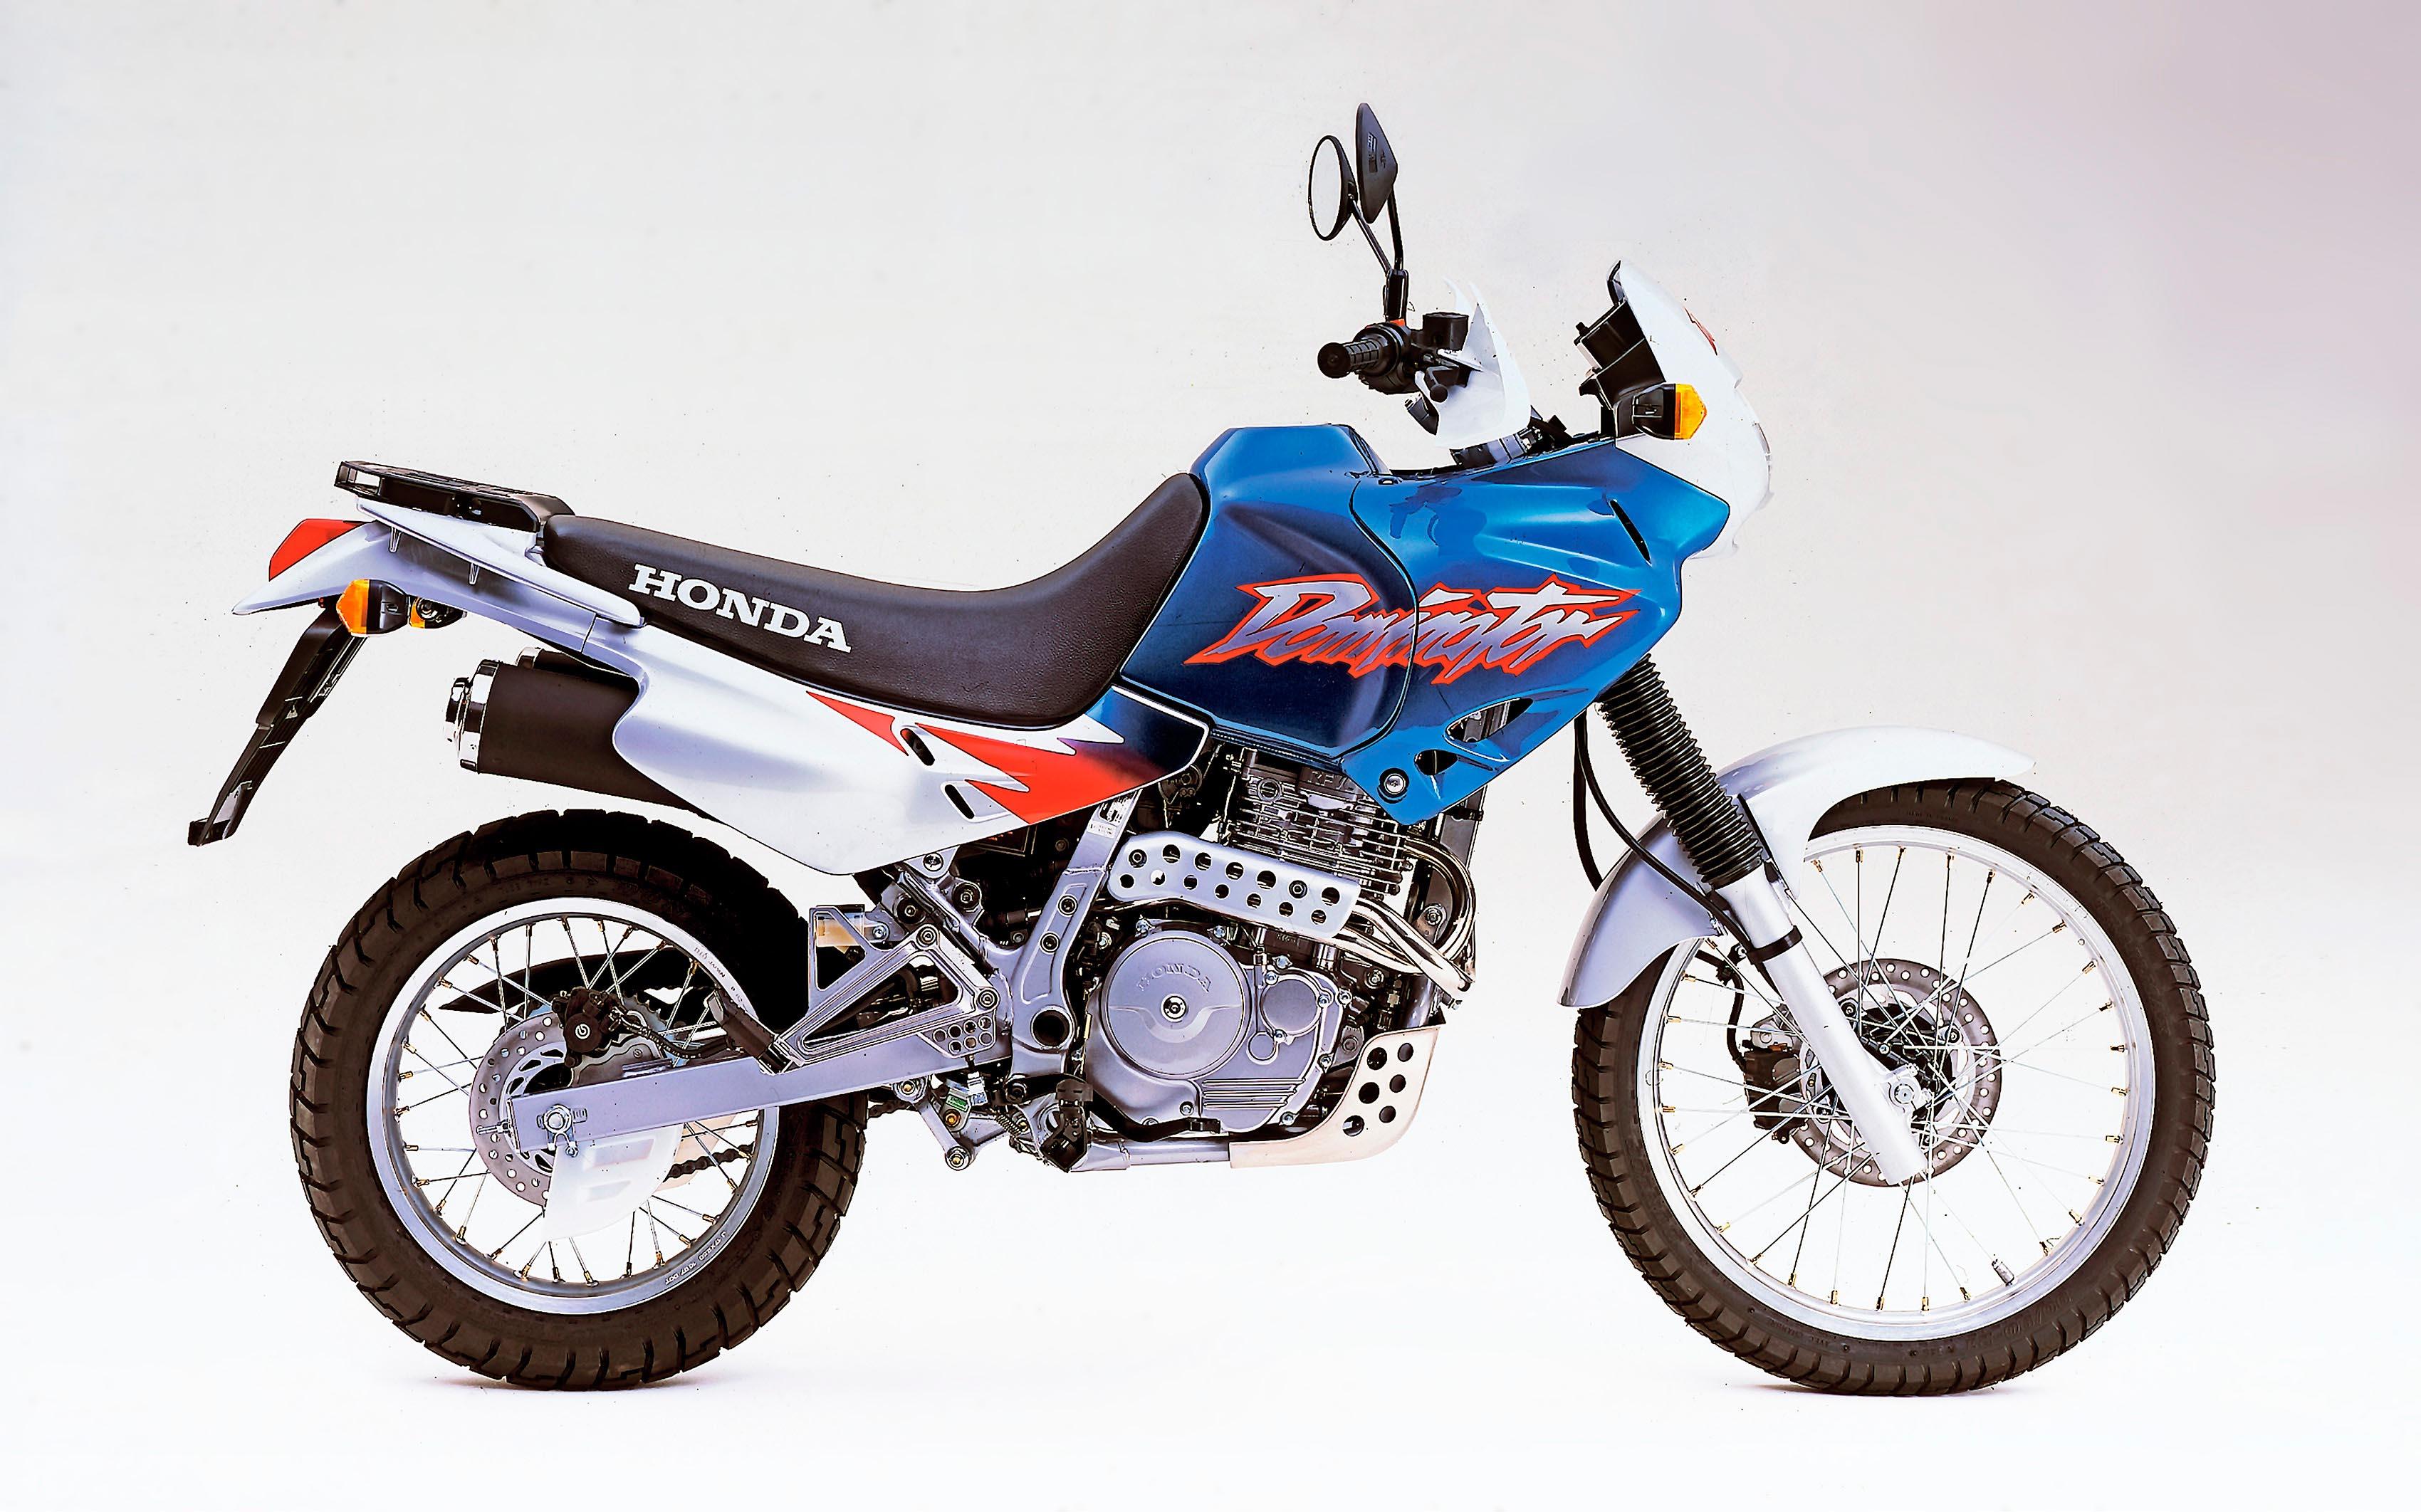 Honda Dominator NX 650, 1998er model for sale - Horizons